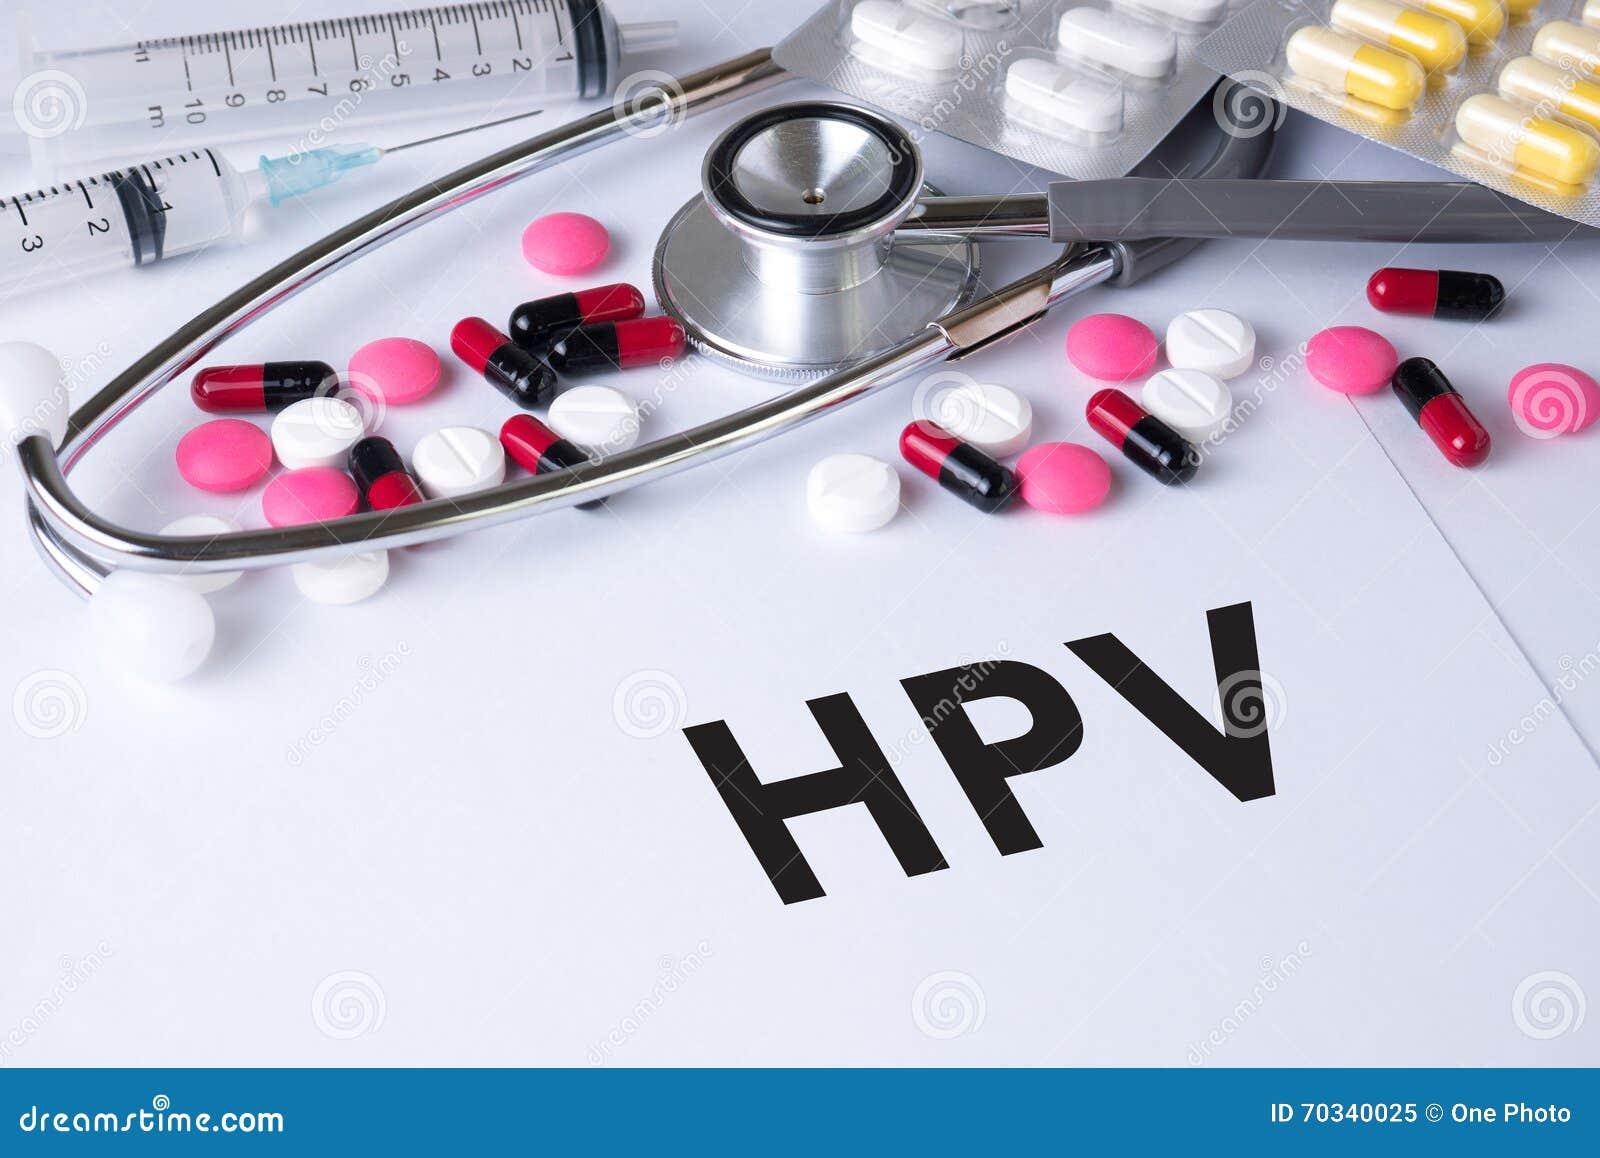 Antibiotique papillomavirus. Antibiotique pour papillomavirus - Antibiotique pour papillomavirus